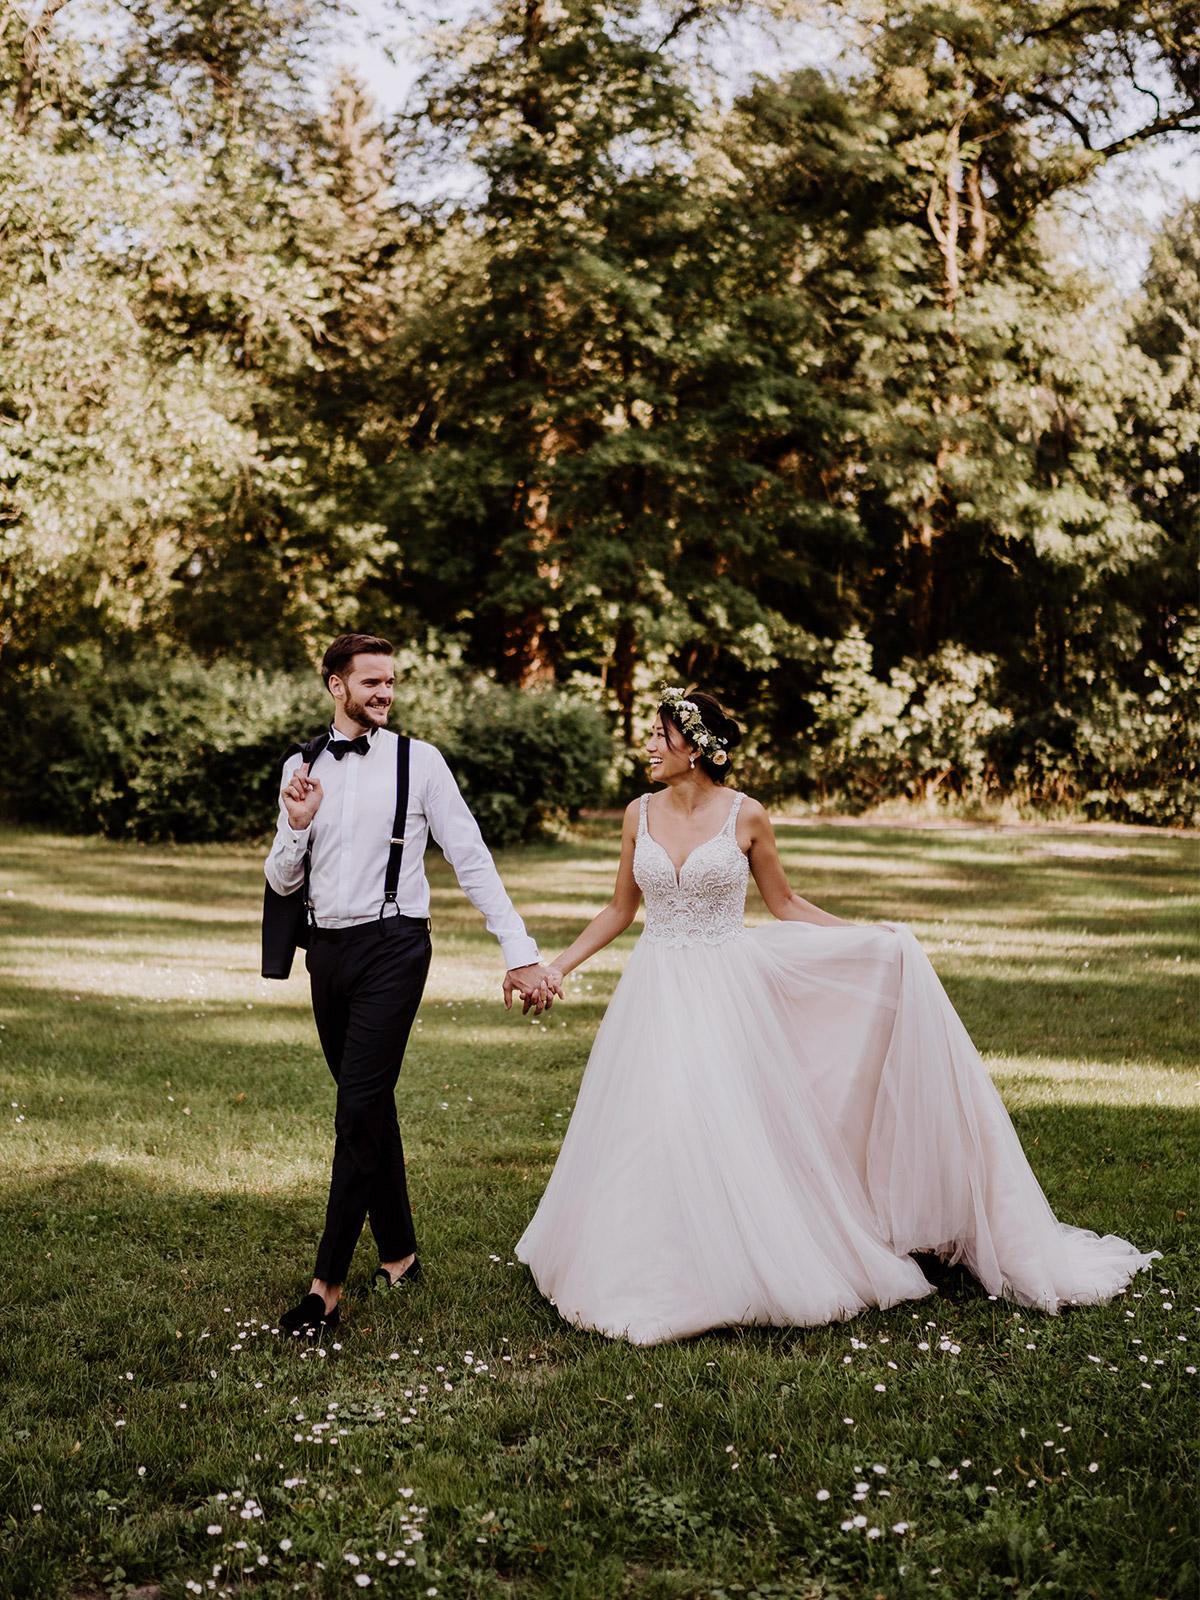 Ideen Hochzeitsfotos #Brautpaar läuft Hand in Hand auf Wiese für natürliche #Hochzeitspaar Fotos im Park vom Schloss Kartzow von vintage Hochzeitsfotografin aus Berlin #hochzeitslicht © www.hochzeitslicht.de